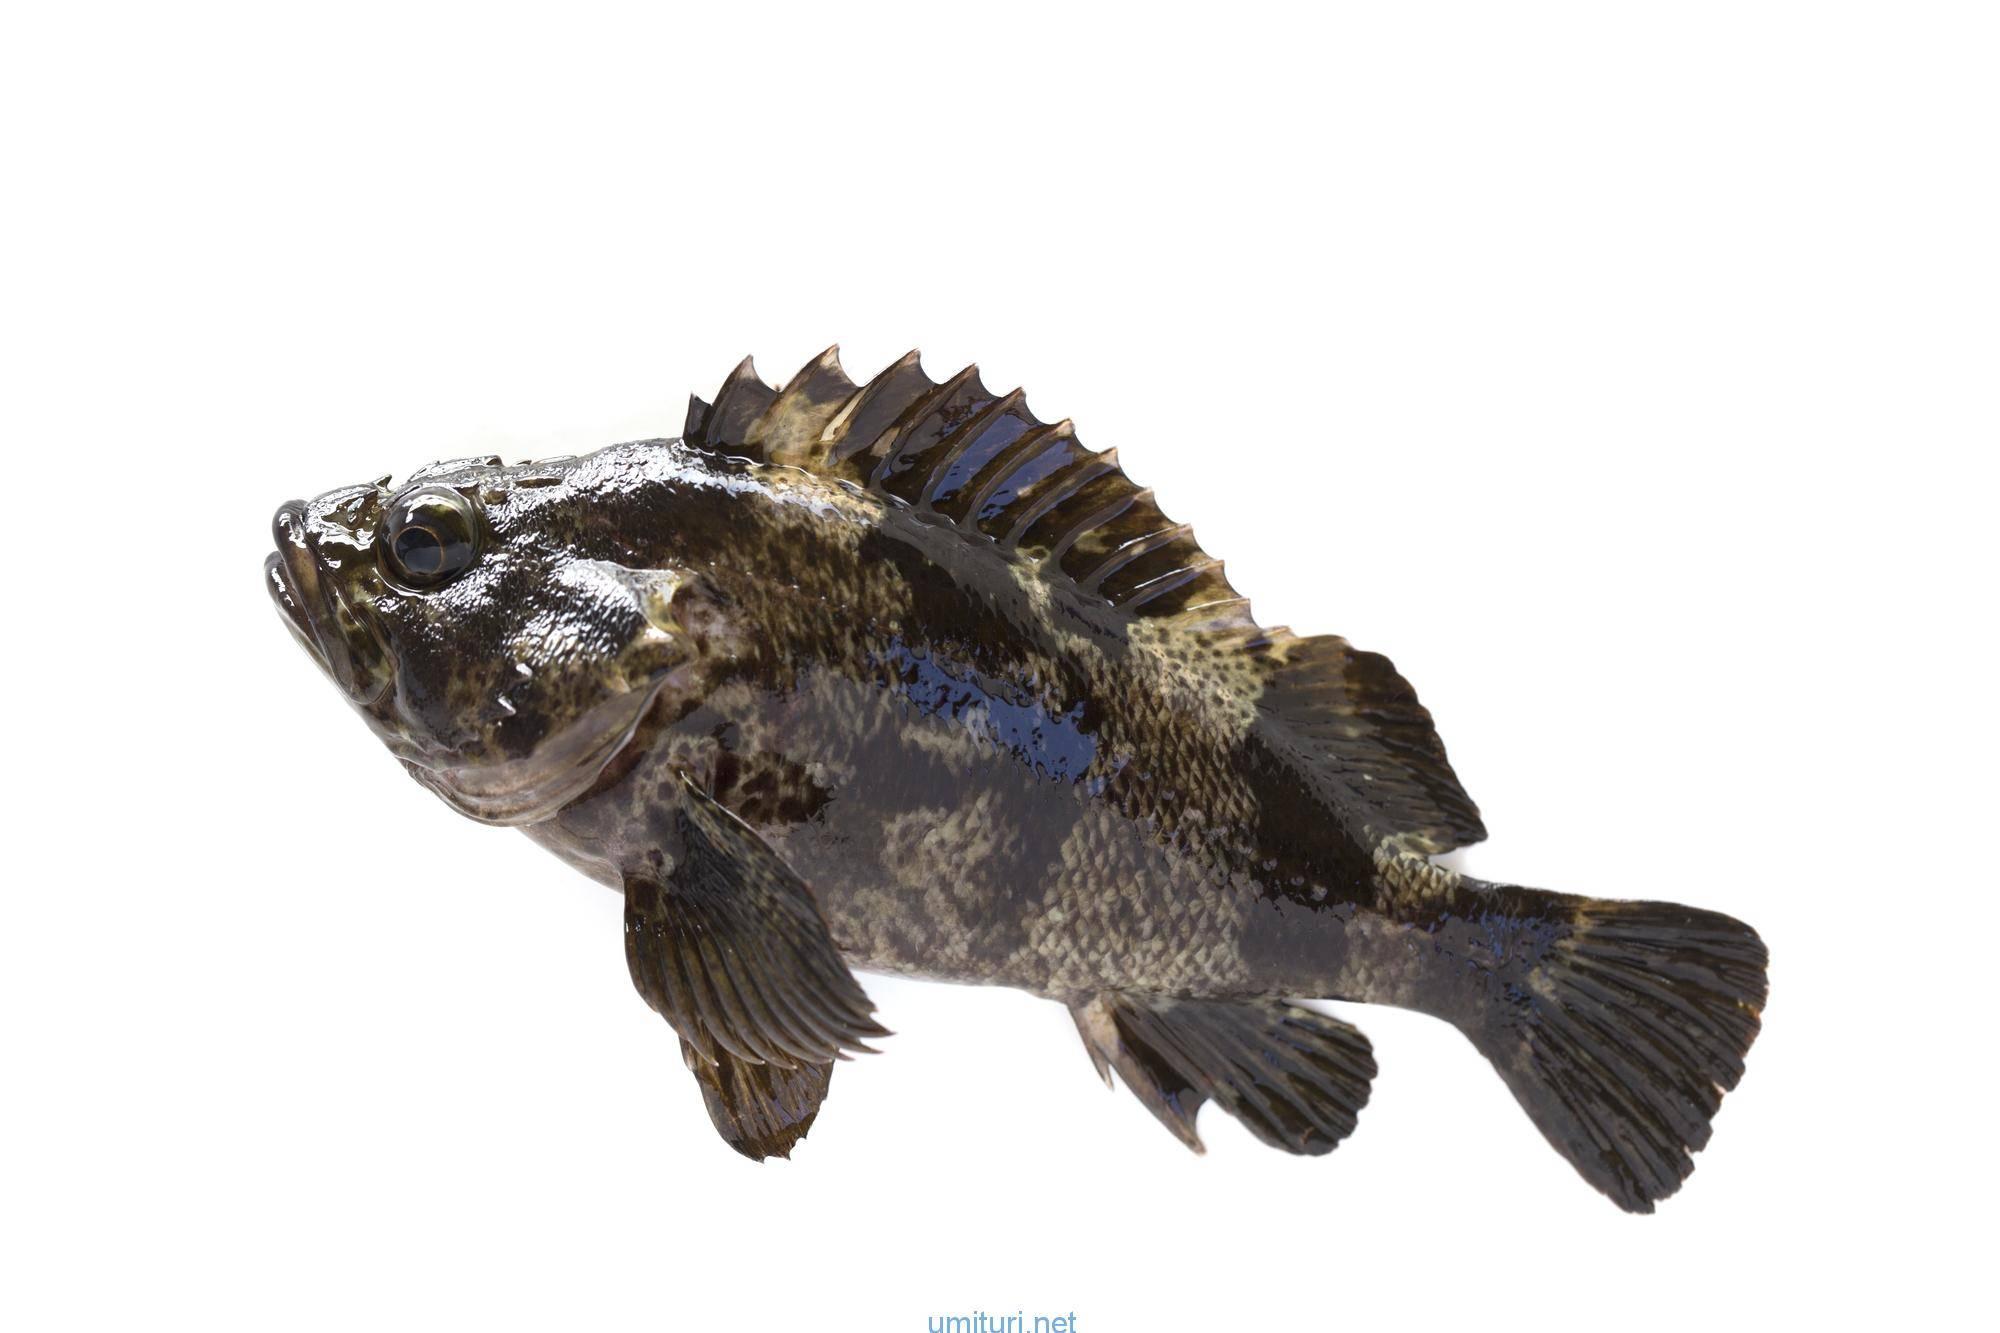 ムラソイを釣る!釣れる時期と仕掛けの考察